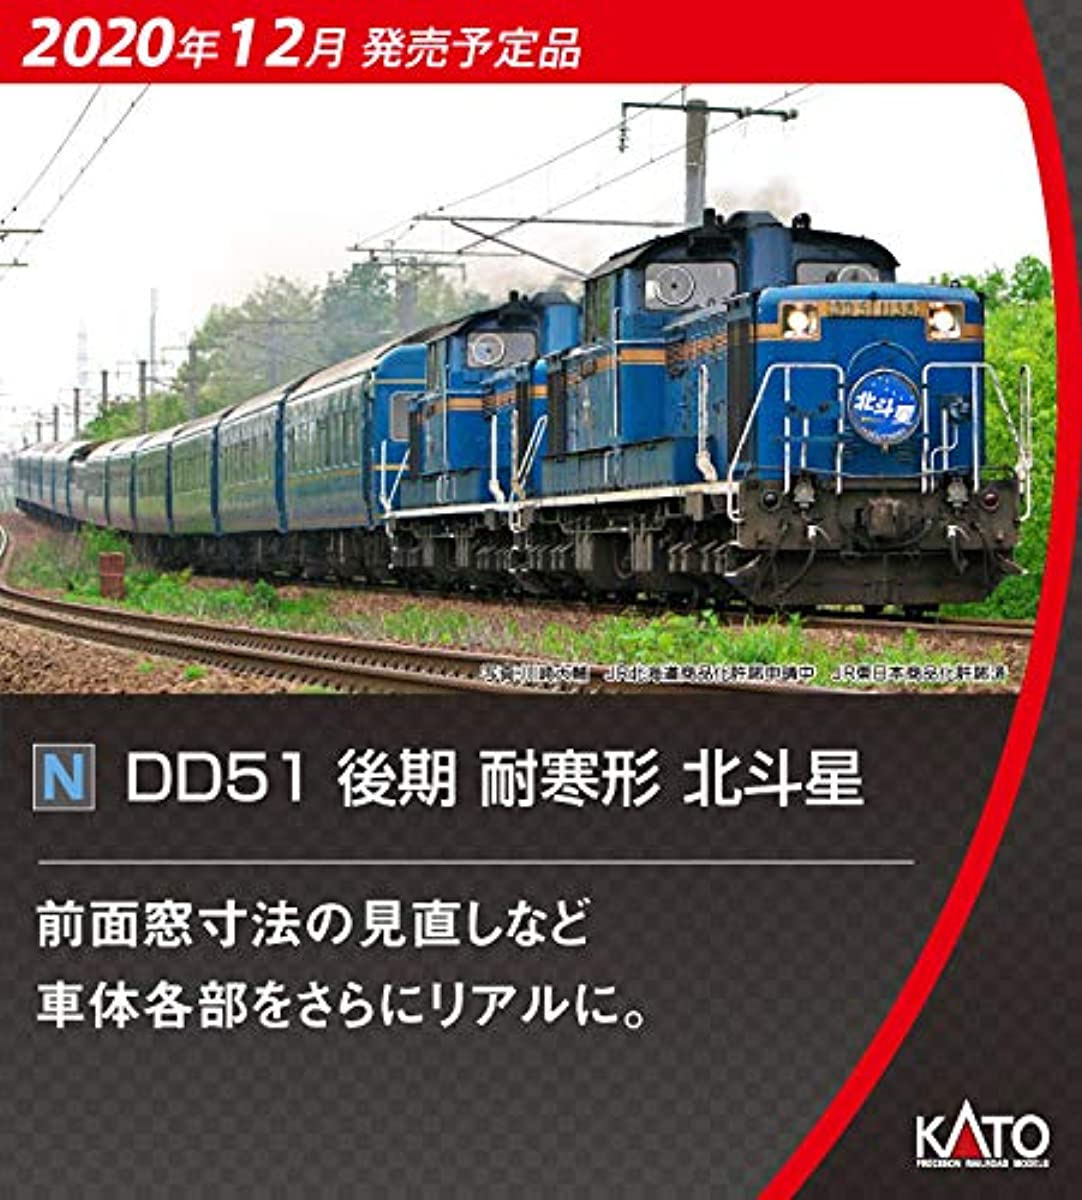 [해외] KATO N게이지 DD51 후기 내한형 북두별 7008-F 철도 모형 전기 기관차